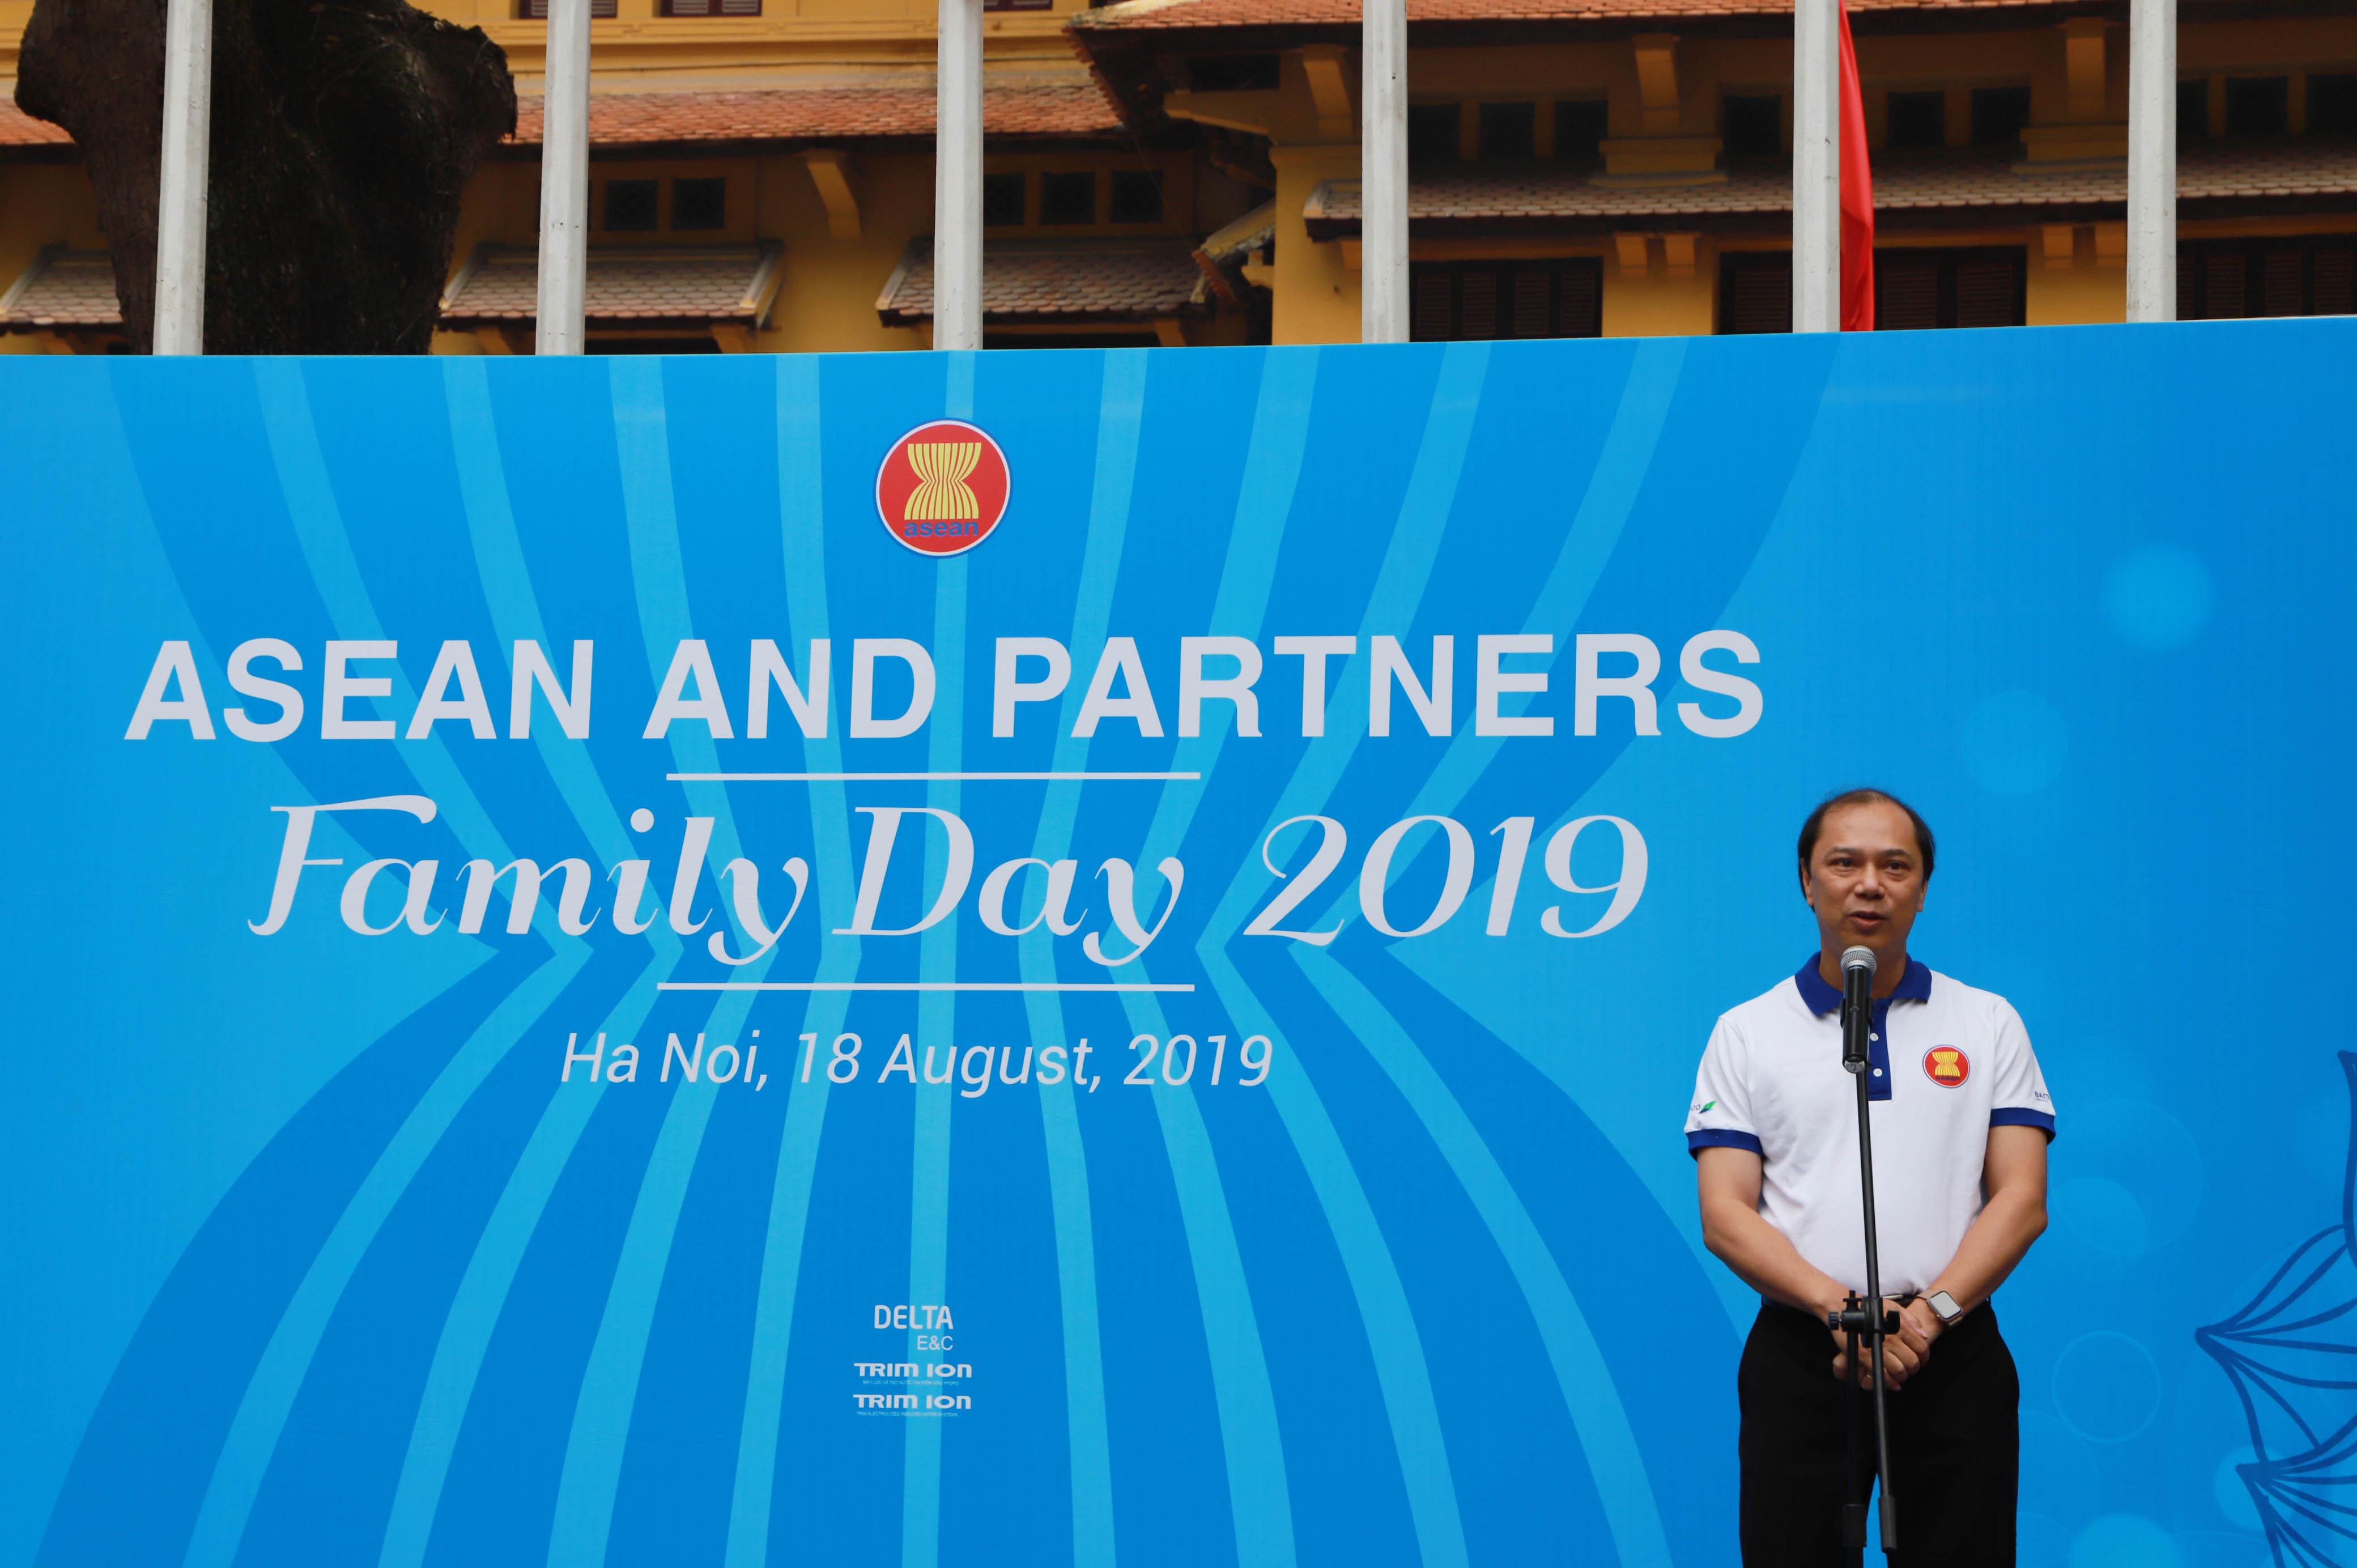 Phát biểu khai mạc sự kiện, Thứ trưởng Bộ Ngoại giao Nguyễn Quốc Dũng đánh giá cao sáng kiến và nỗ lực của AWCH tổ chức Ngày Gia đình ASEAN, hoạt động có ý nghĩa kỷ niệm 52 năm thành lập Hiệp hội.